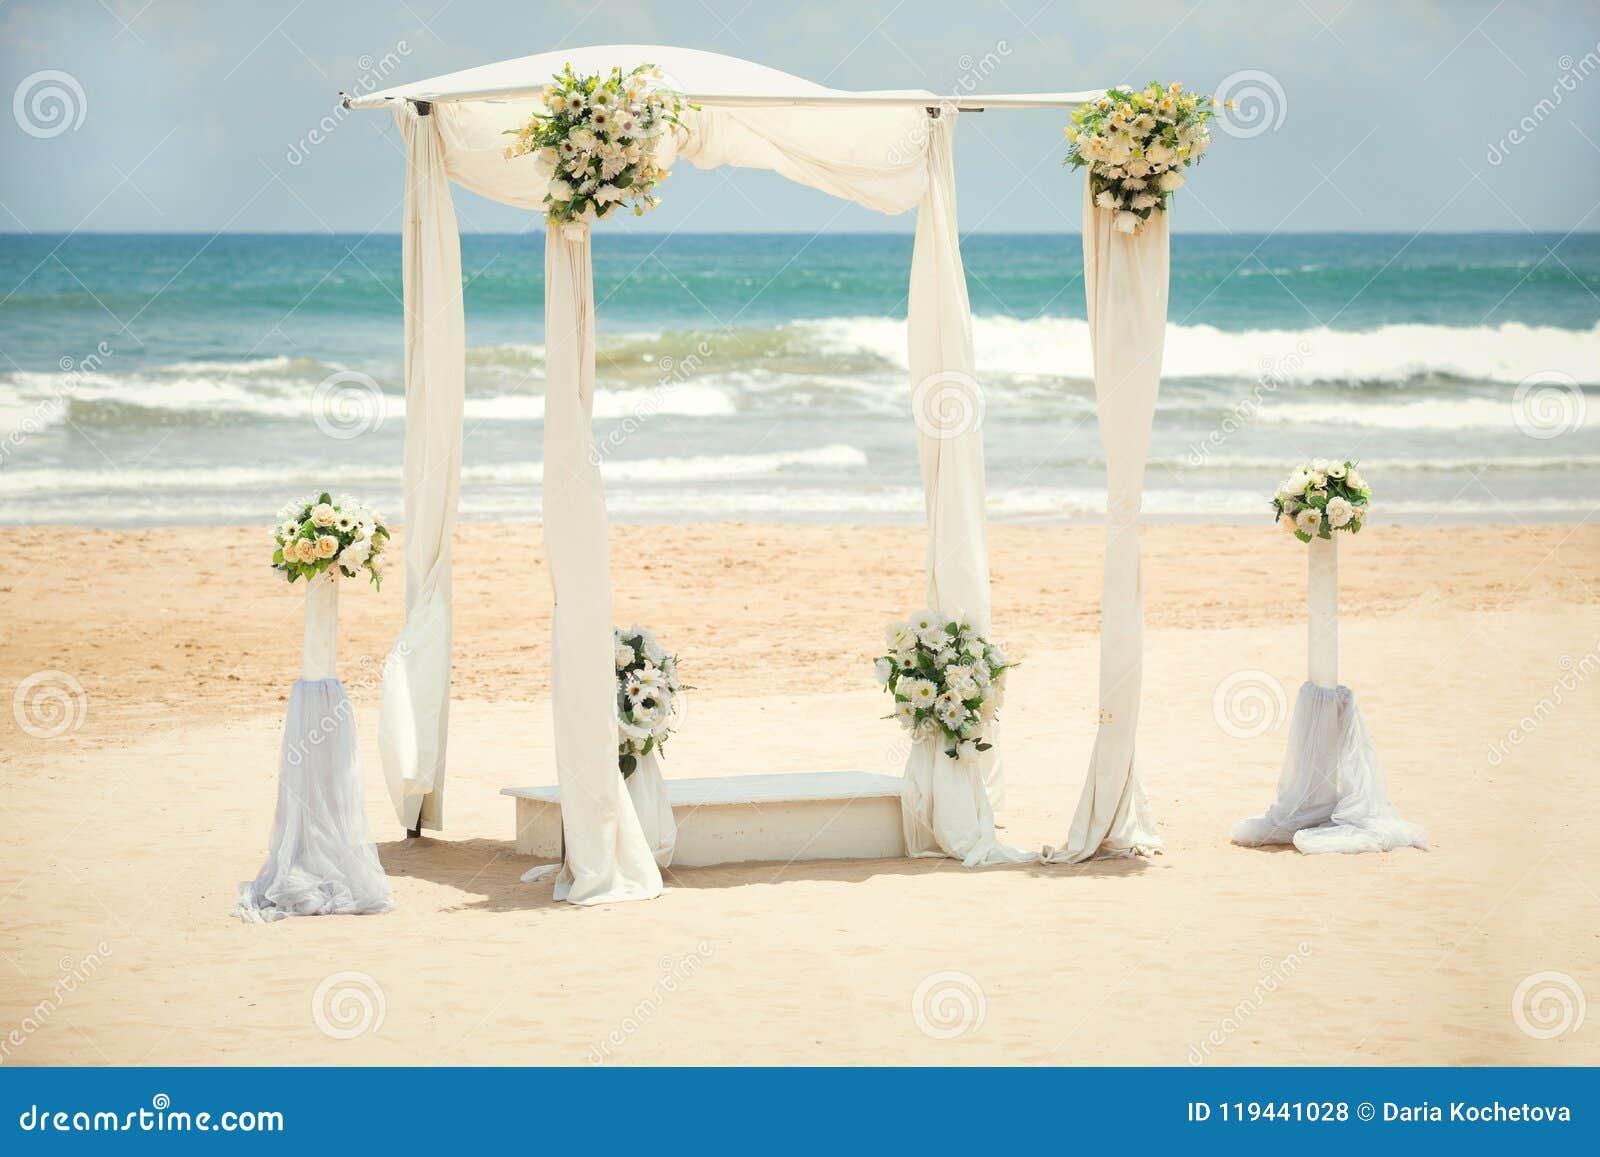 Huwelijksdecoratie op het strand